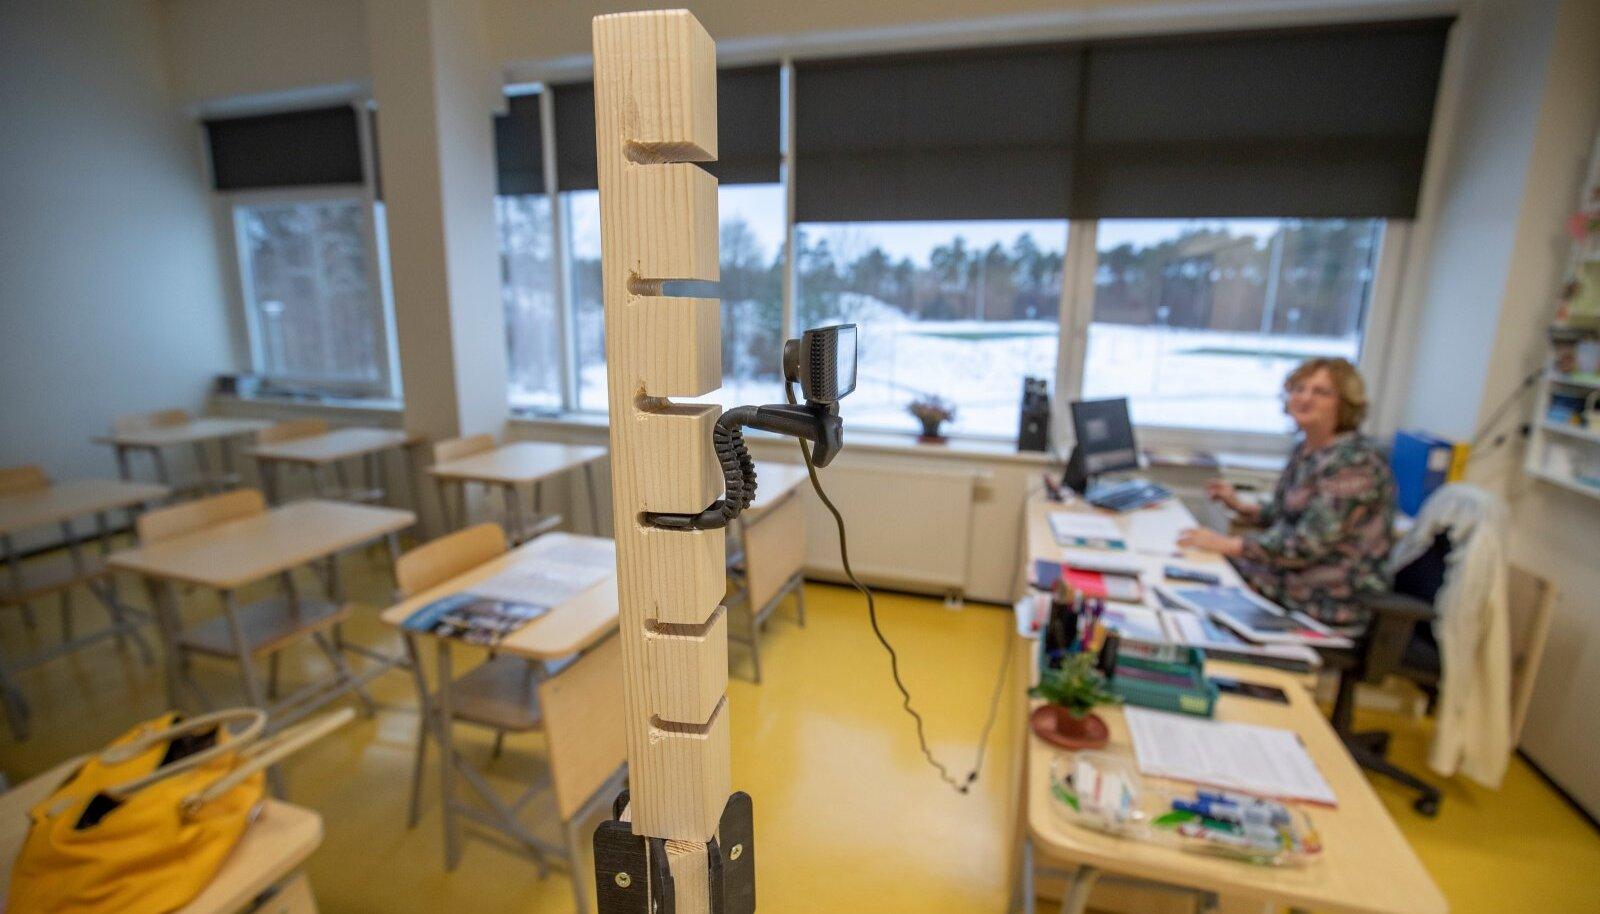 Distantsõpe Keila koolis selle aasta jaanuaris. Klass on tühi ja õpilased saavad tunnis toimuvast kodus ülevaate kaamera kaudu.